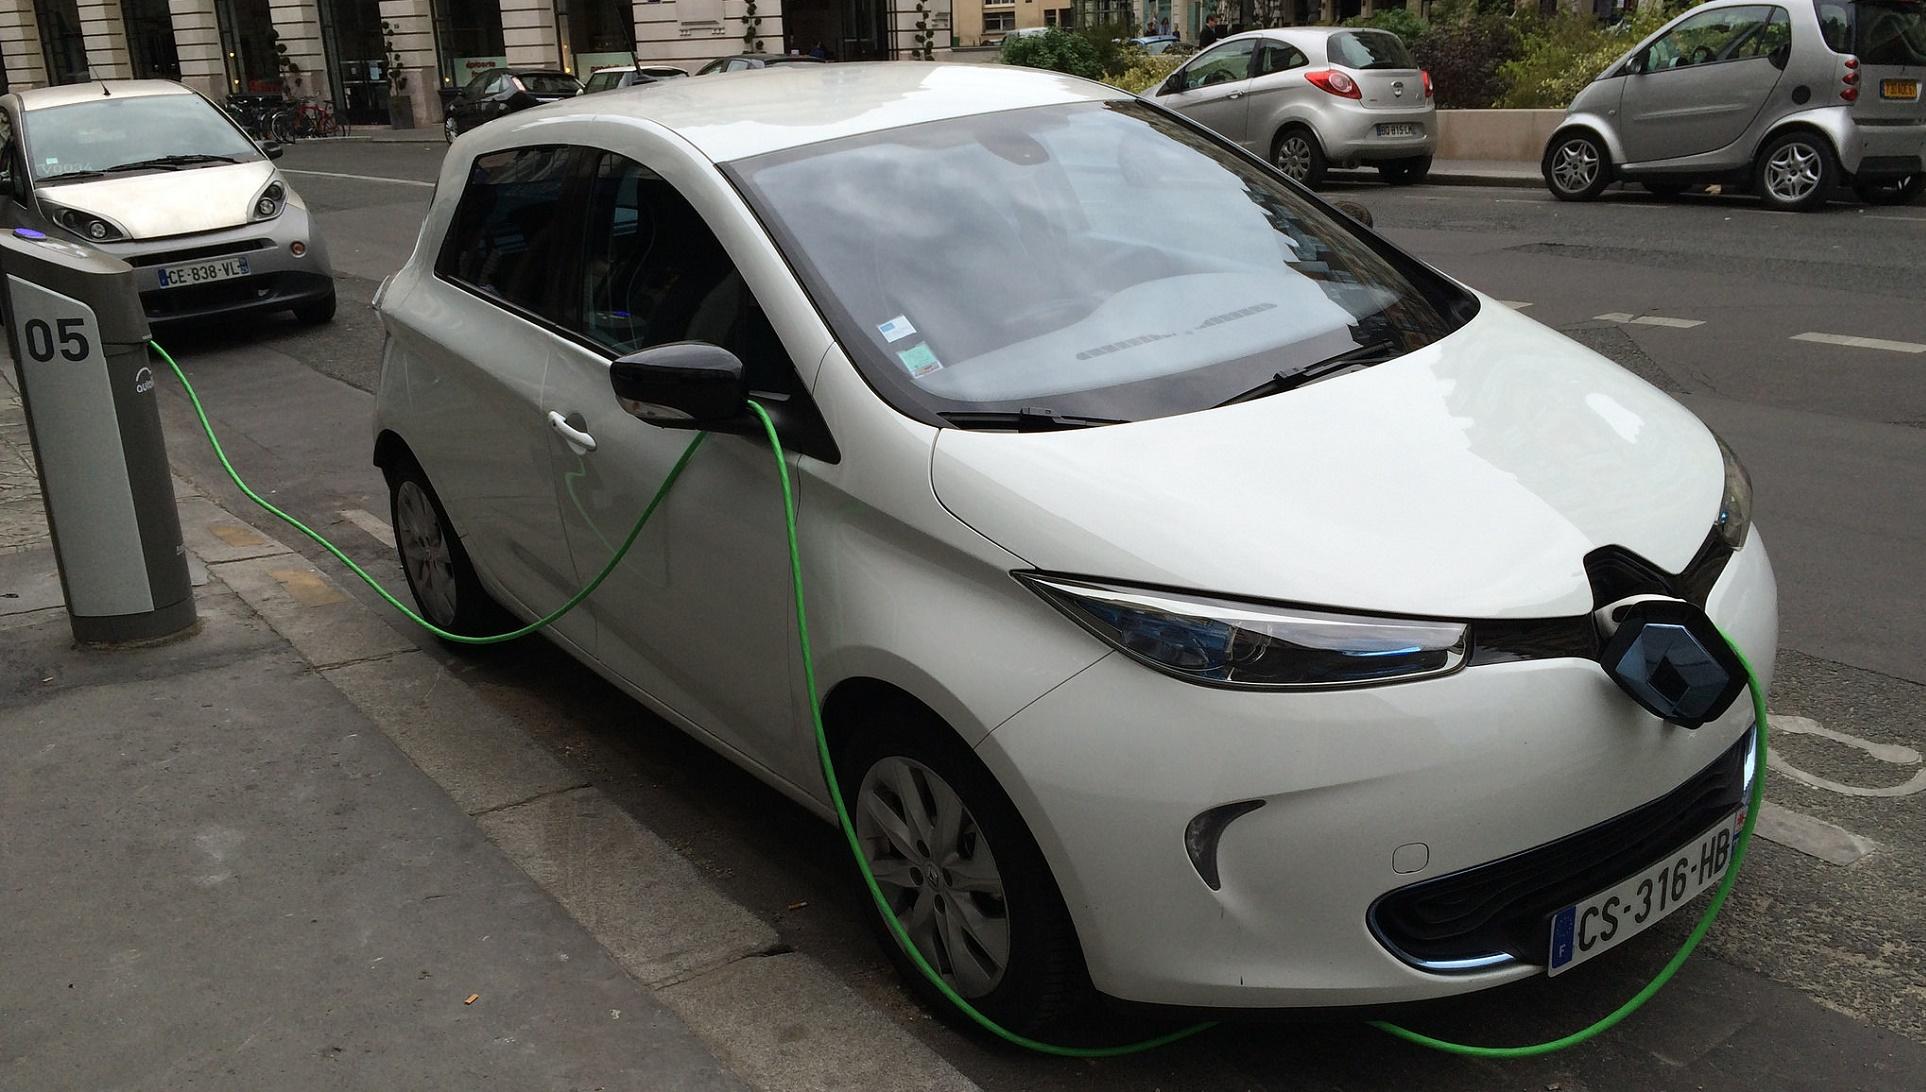 En 2022 será más barato un coche eléctrico que uno de gasolina